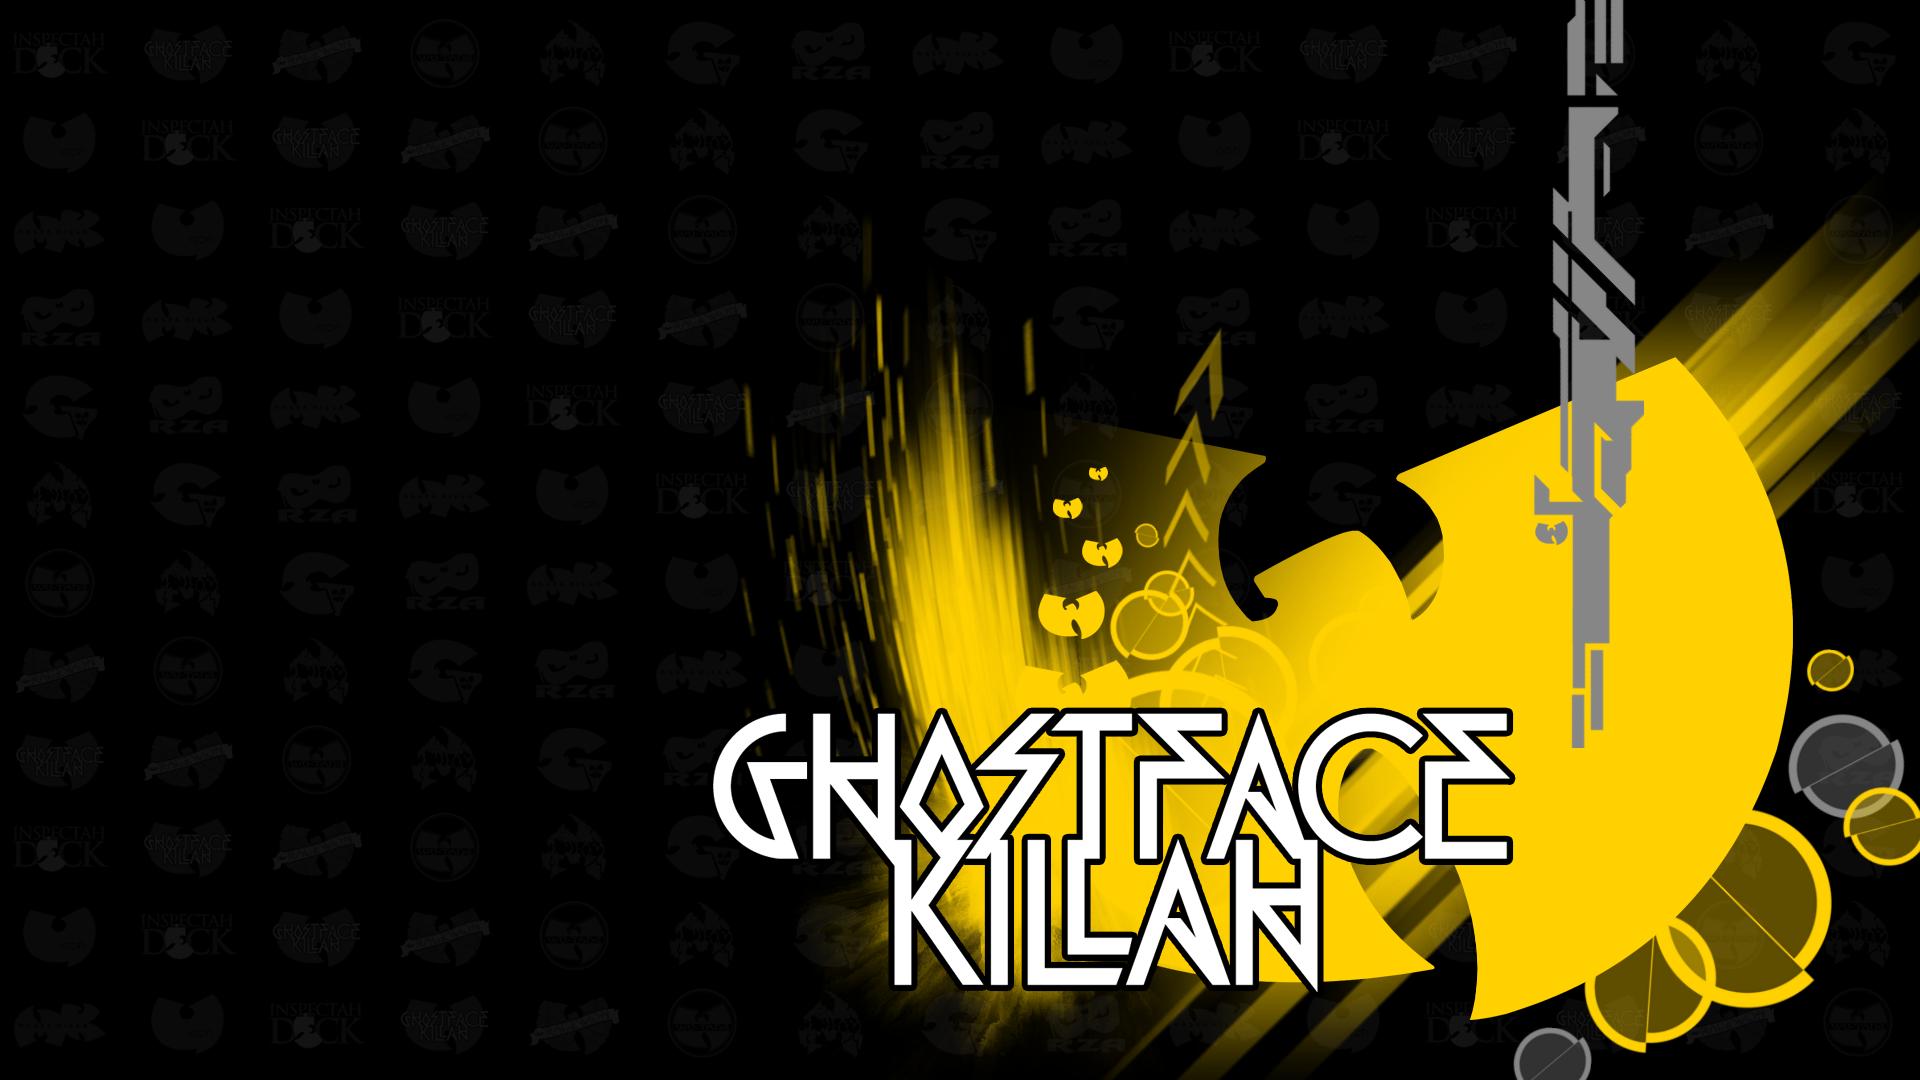 wu tang clan logos ghostface killah by ultrama6net1cart